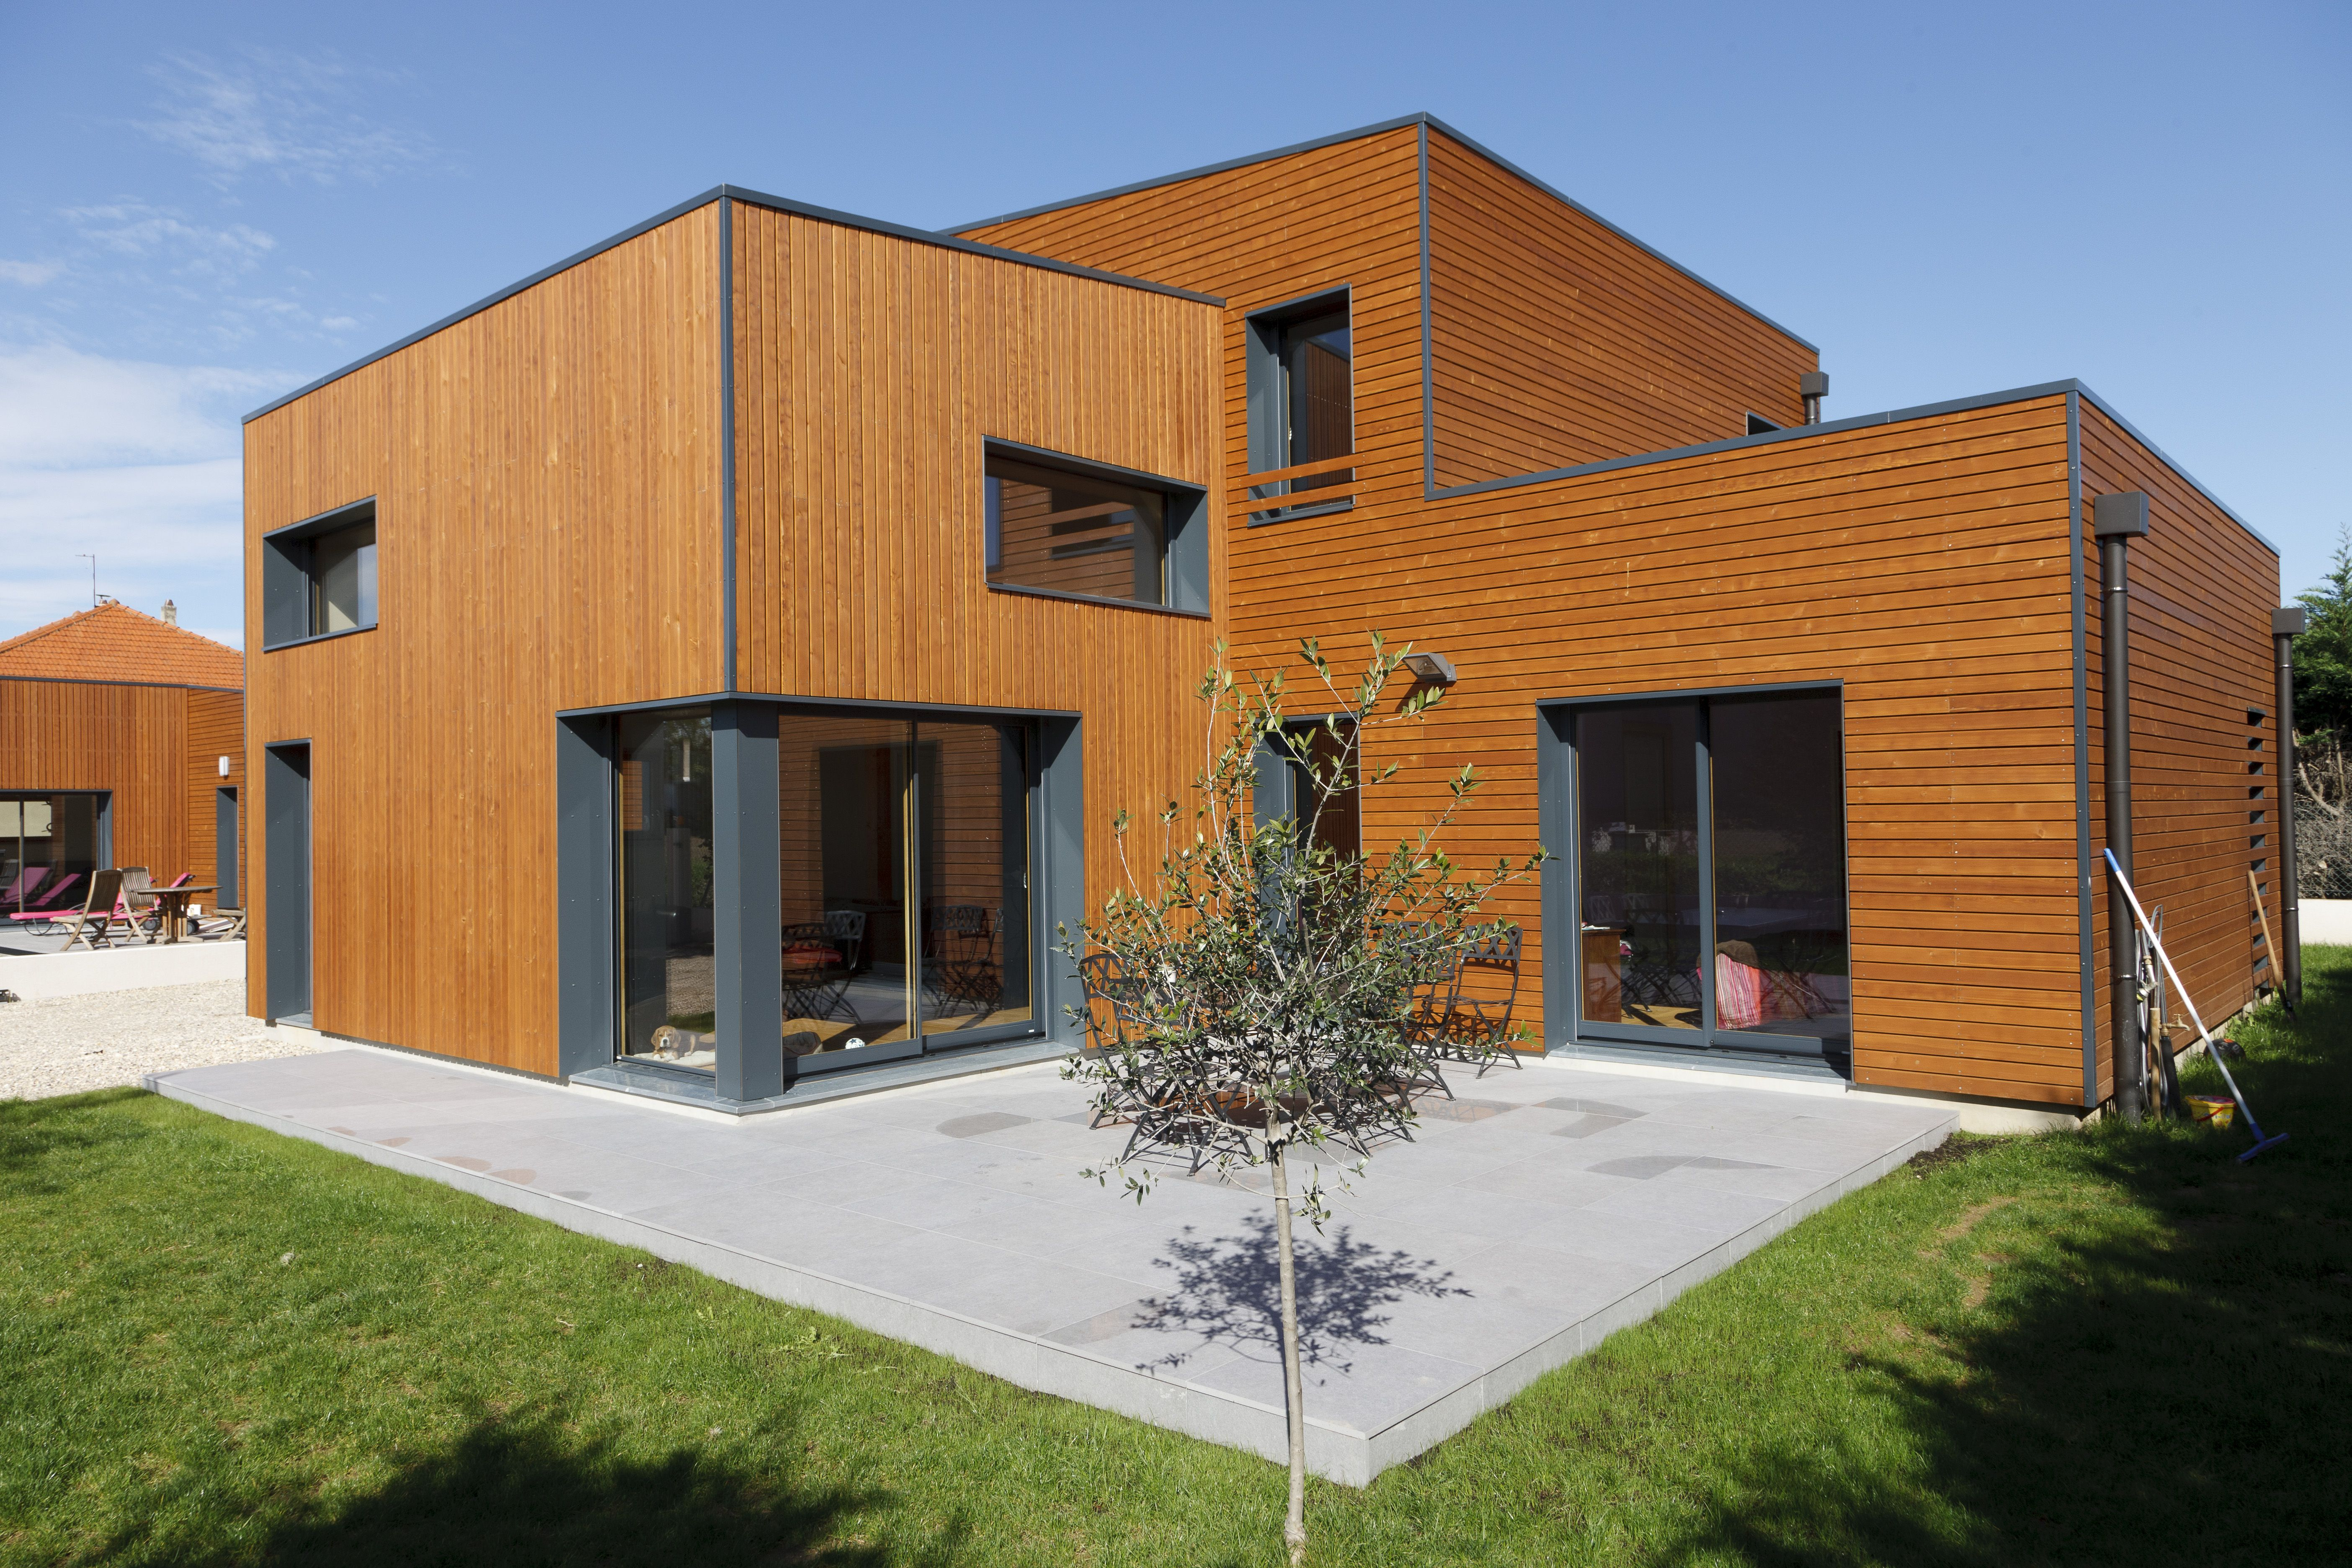 Maison contemporaine Ossature bois Réalisée par ALVEO BOIS